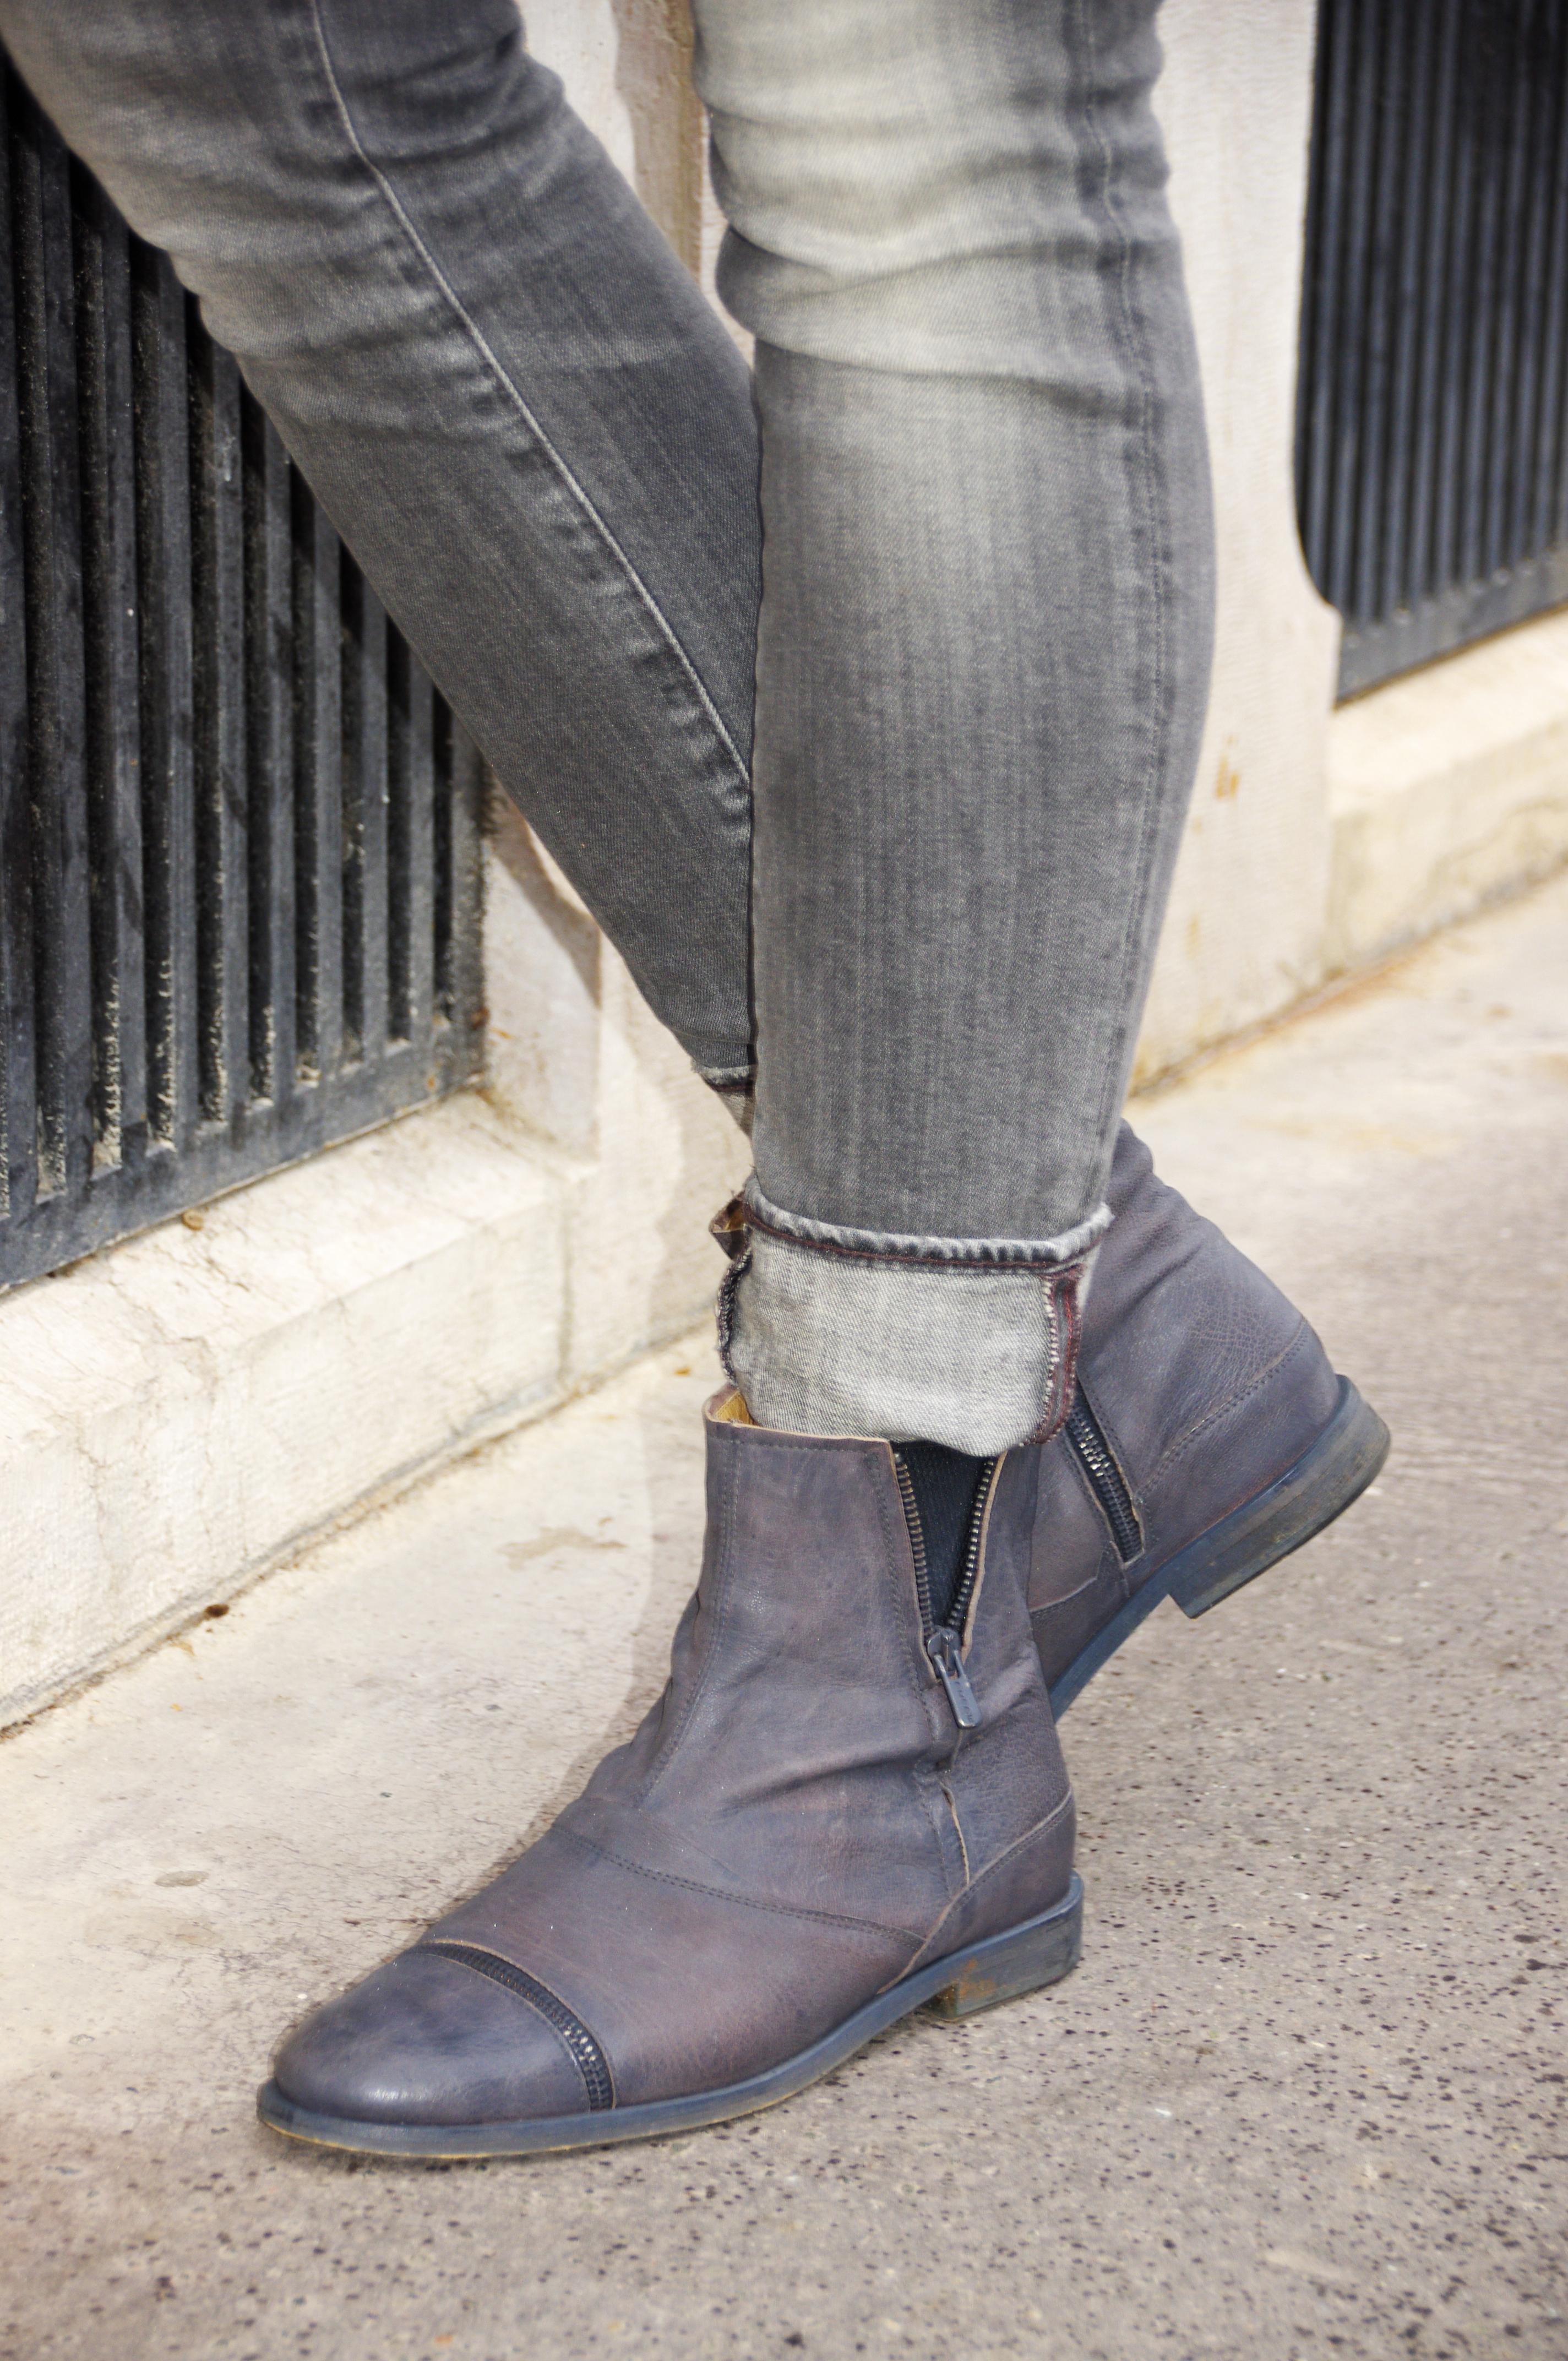 étole laine, écharpe laine, allée du foulard, gilet chaud, gilet thermolactyl, damart, tshirt rose, tshirt dentelle, new look, jean slim gris, ralph lauren, boots cuir, boots rock, Dkode